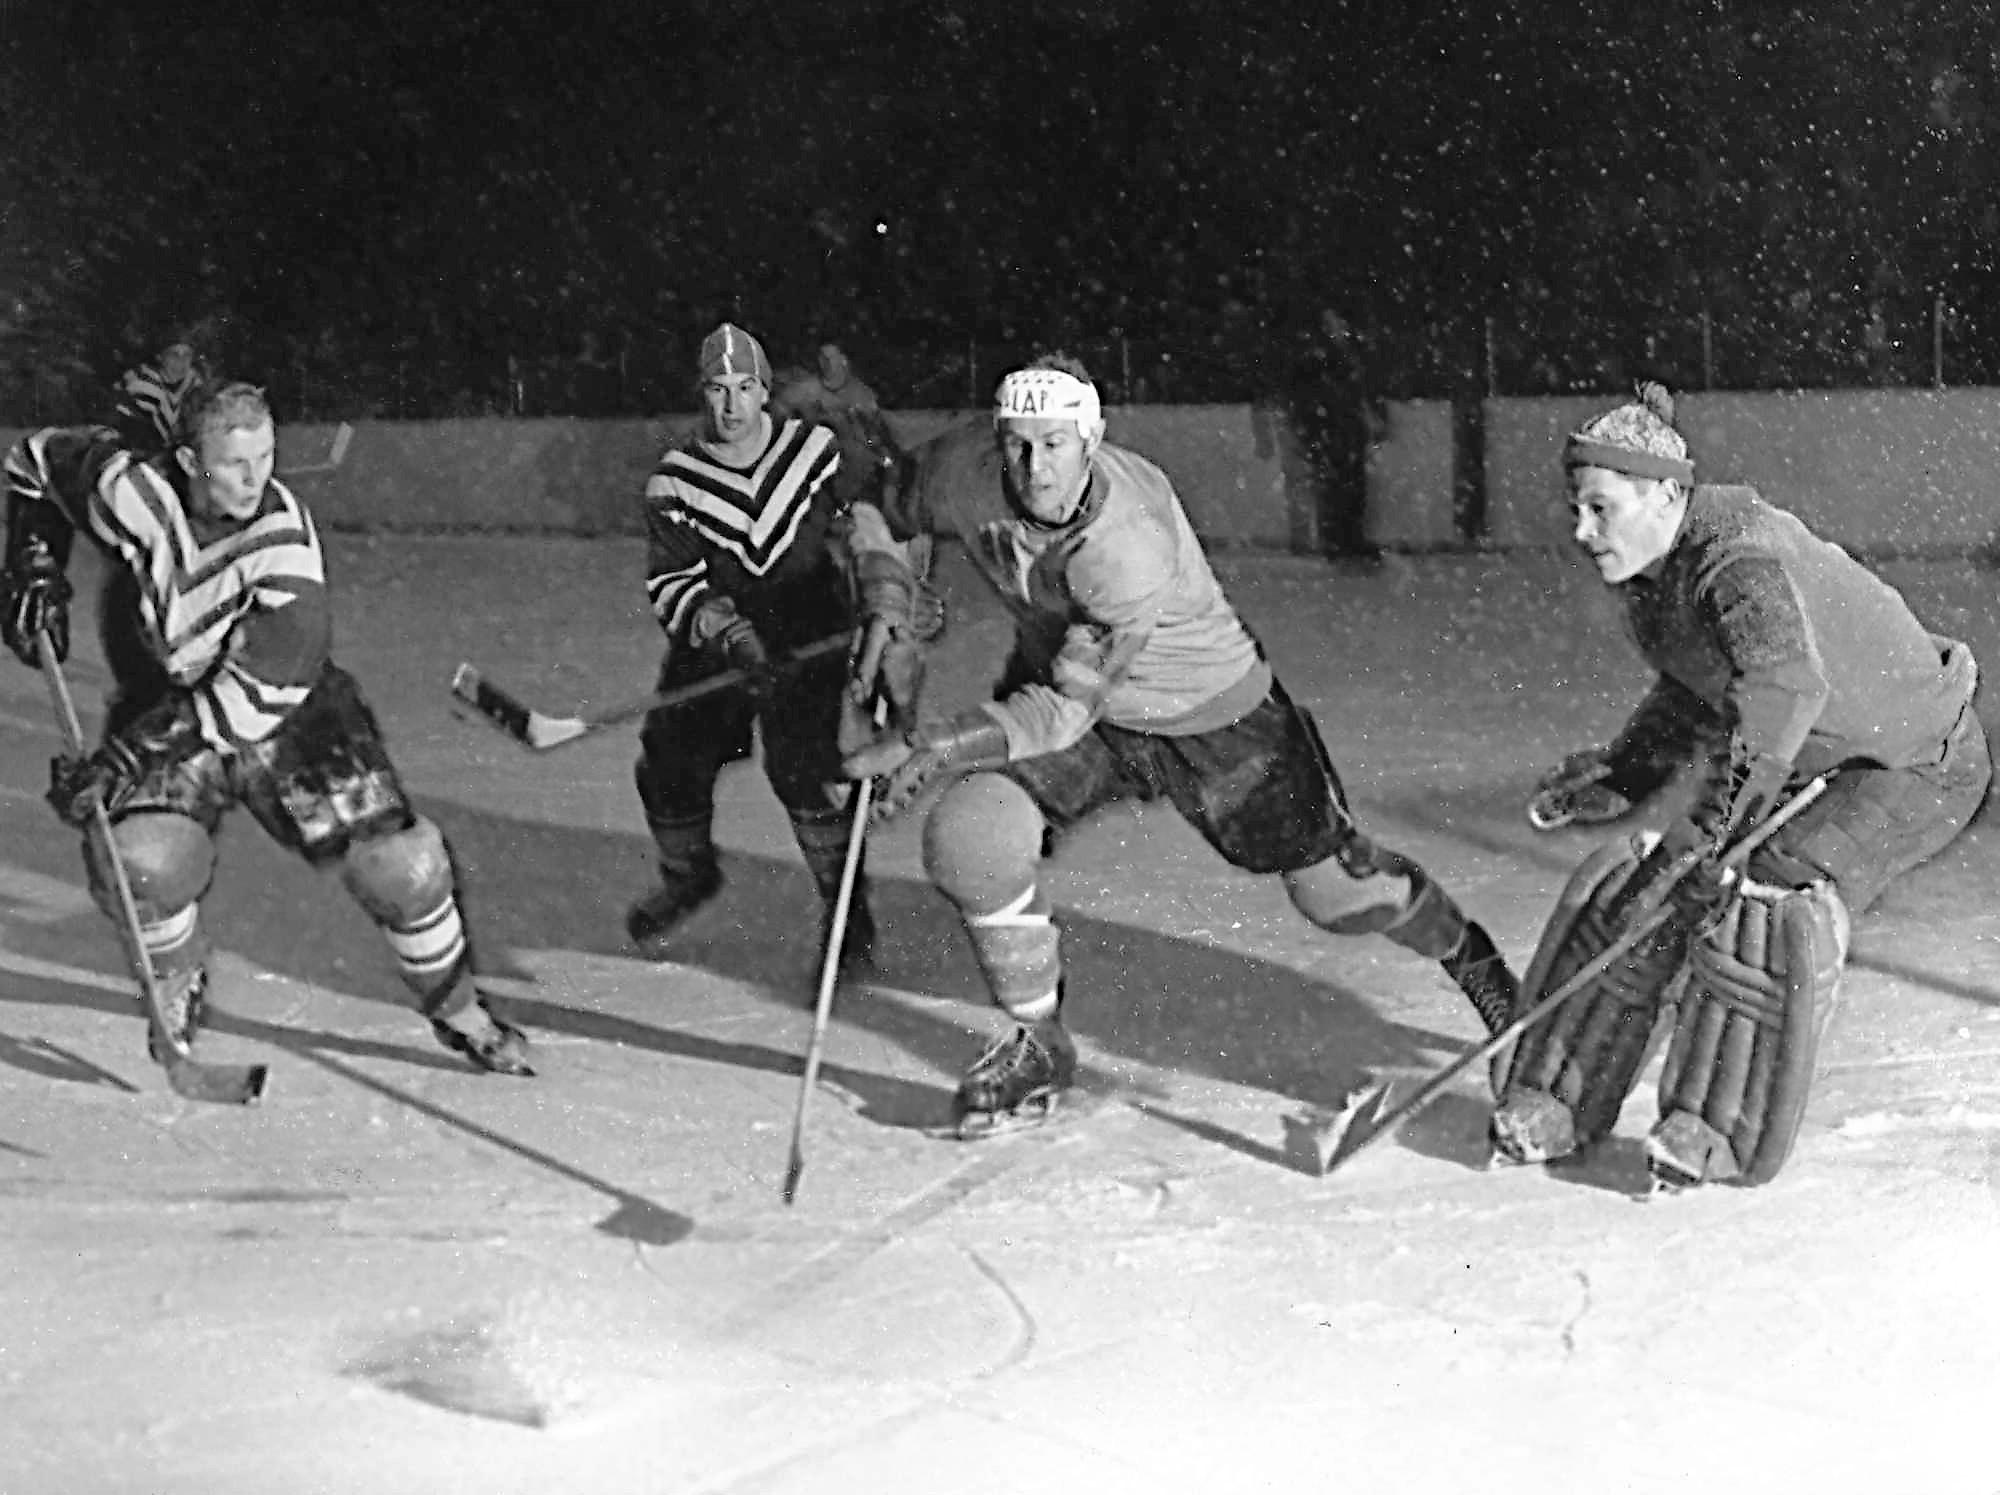 Sthlm.20.jan- 1959.Hovet. Alexandr.Krylov. Tumba.Putjkov...jpg